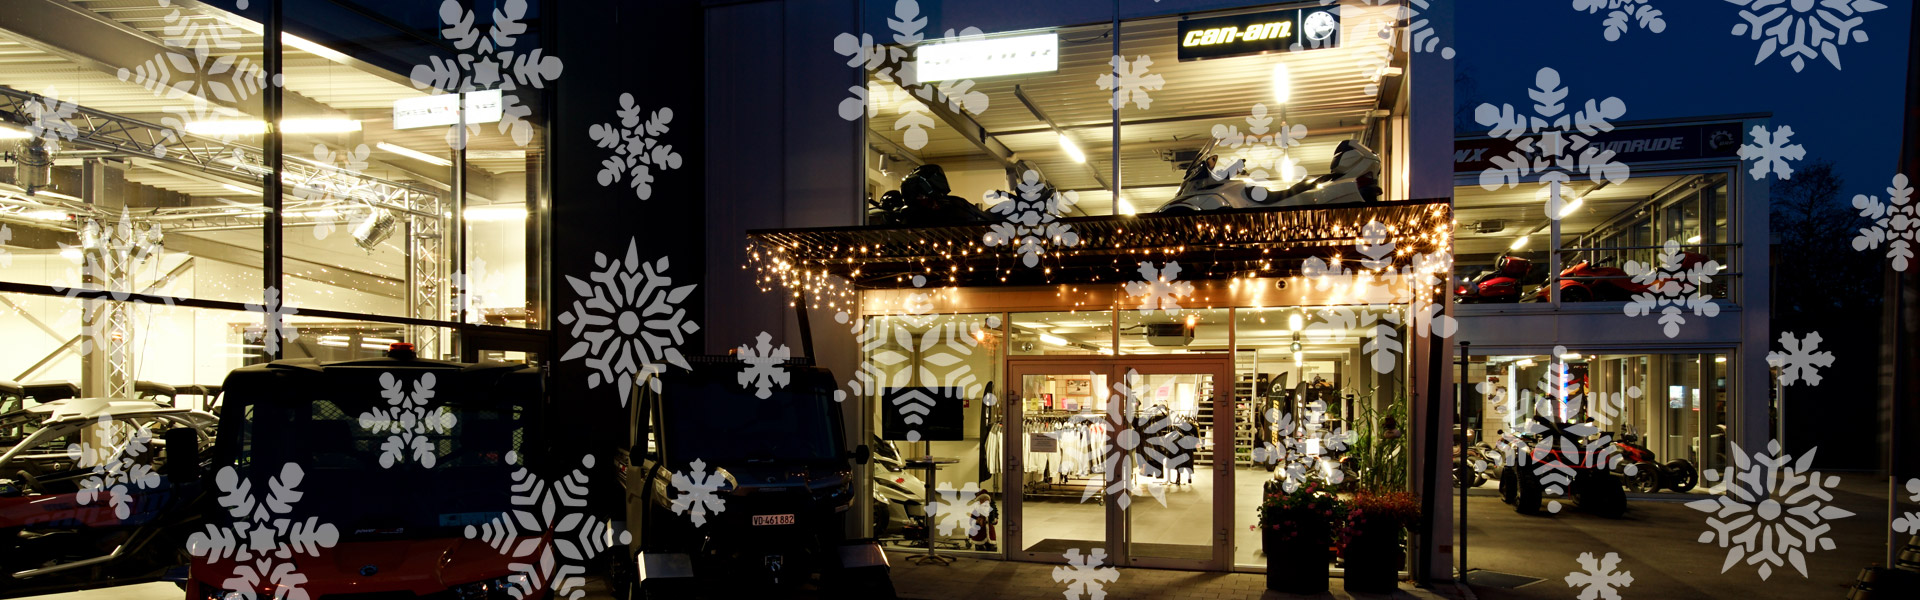 showroom-weihnachten